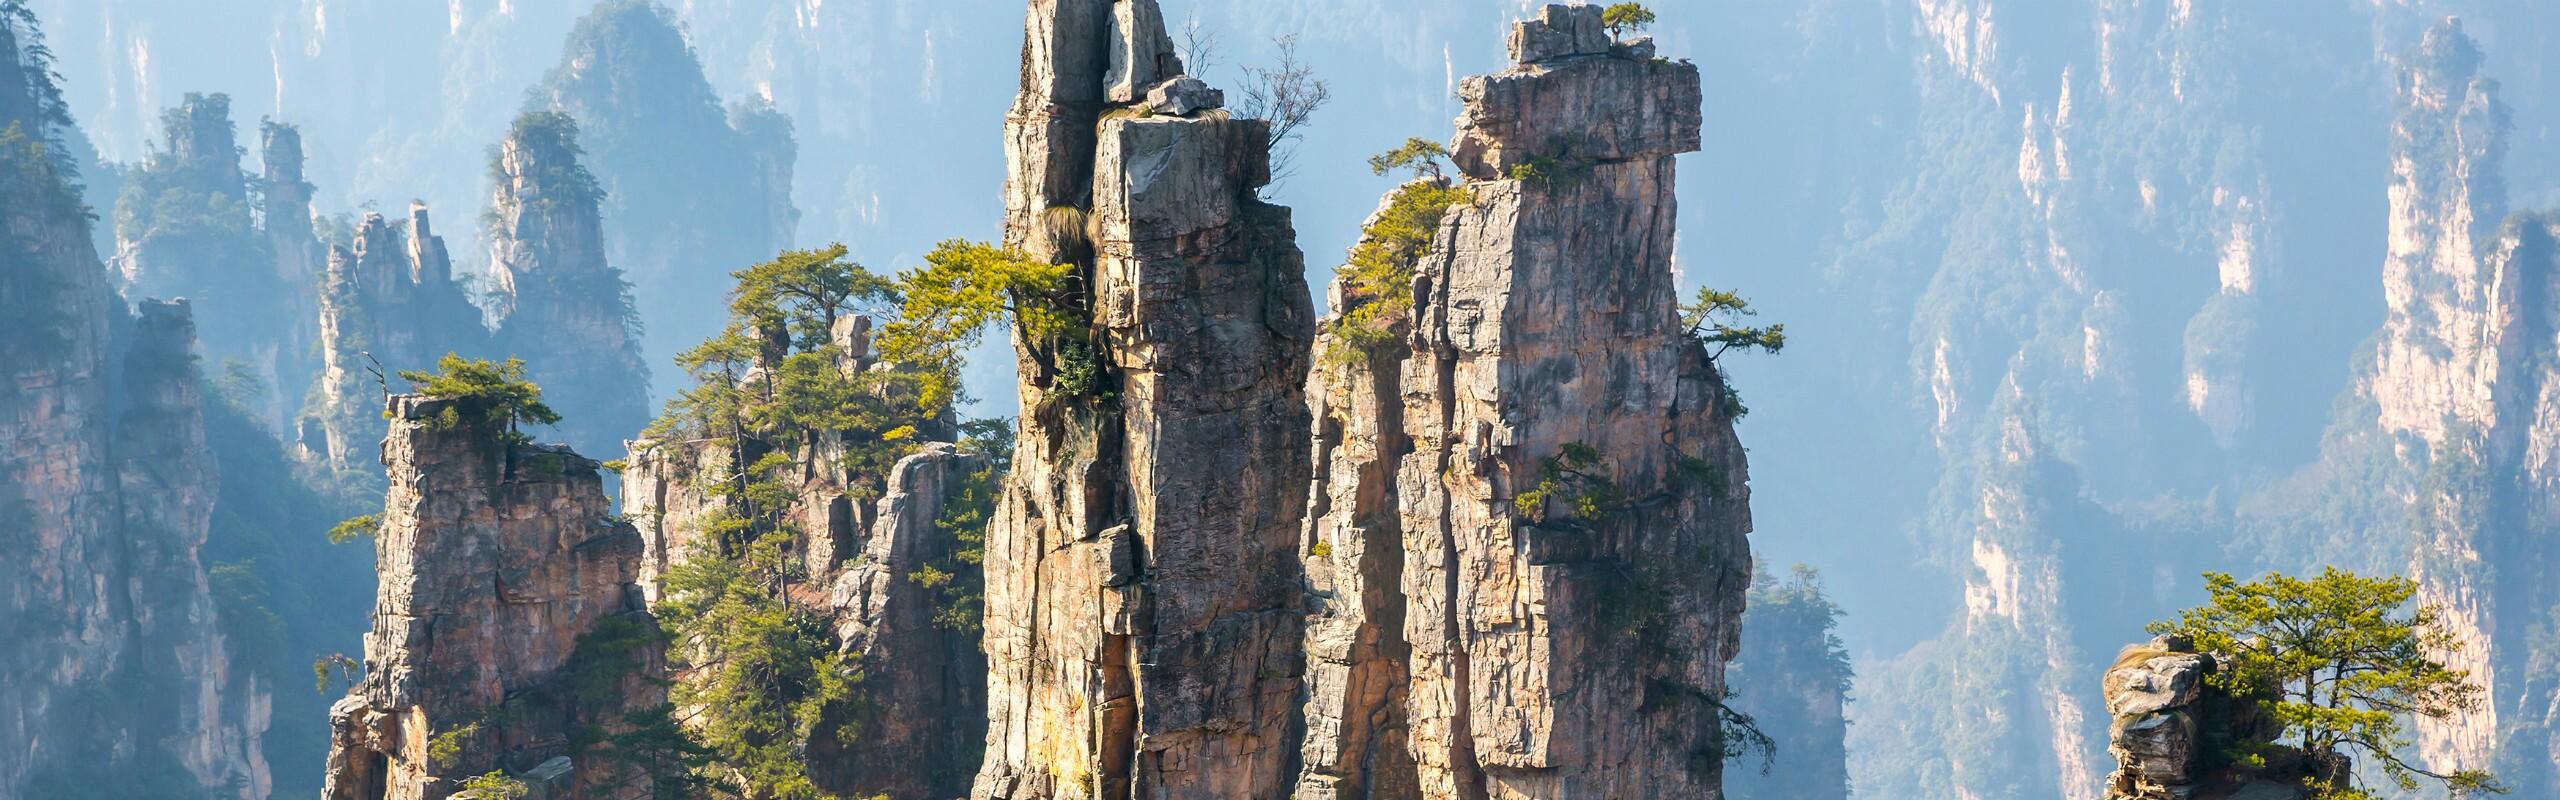 Essence of Zhangjiajie Tour